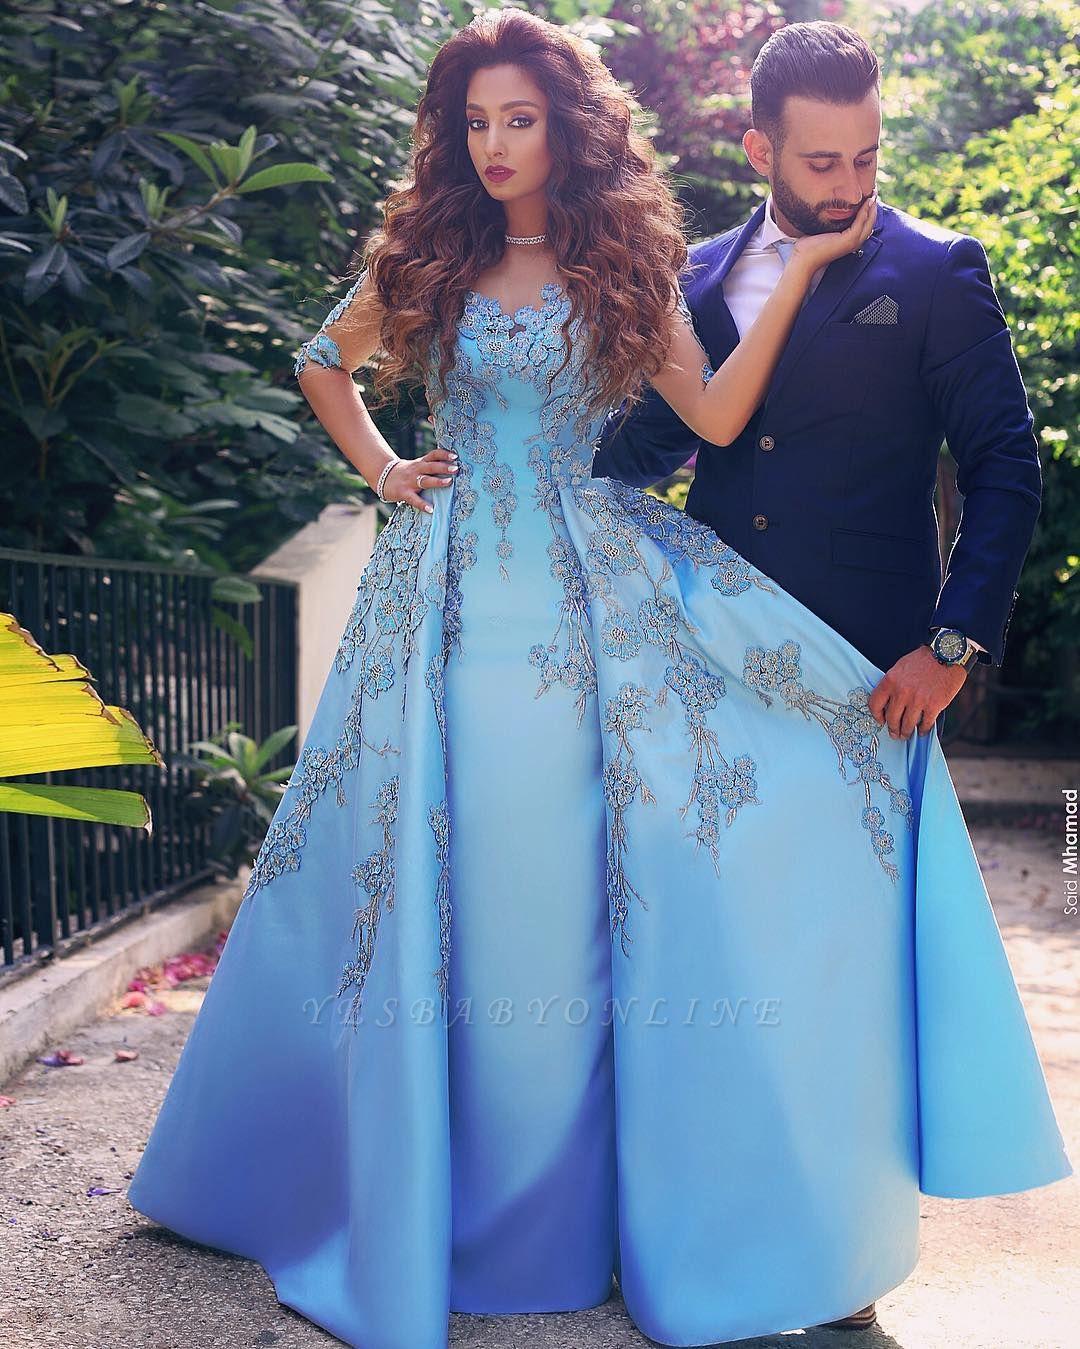 V-Neck A-Line Half-Sleeves Appliques Elegant Prom Dresses